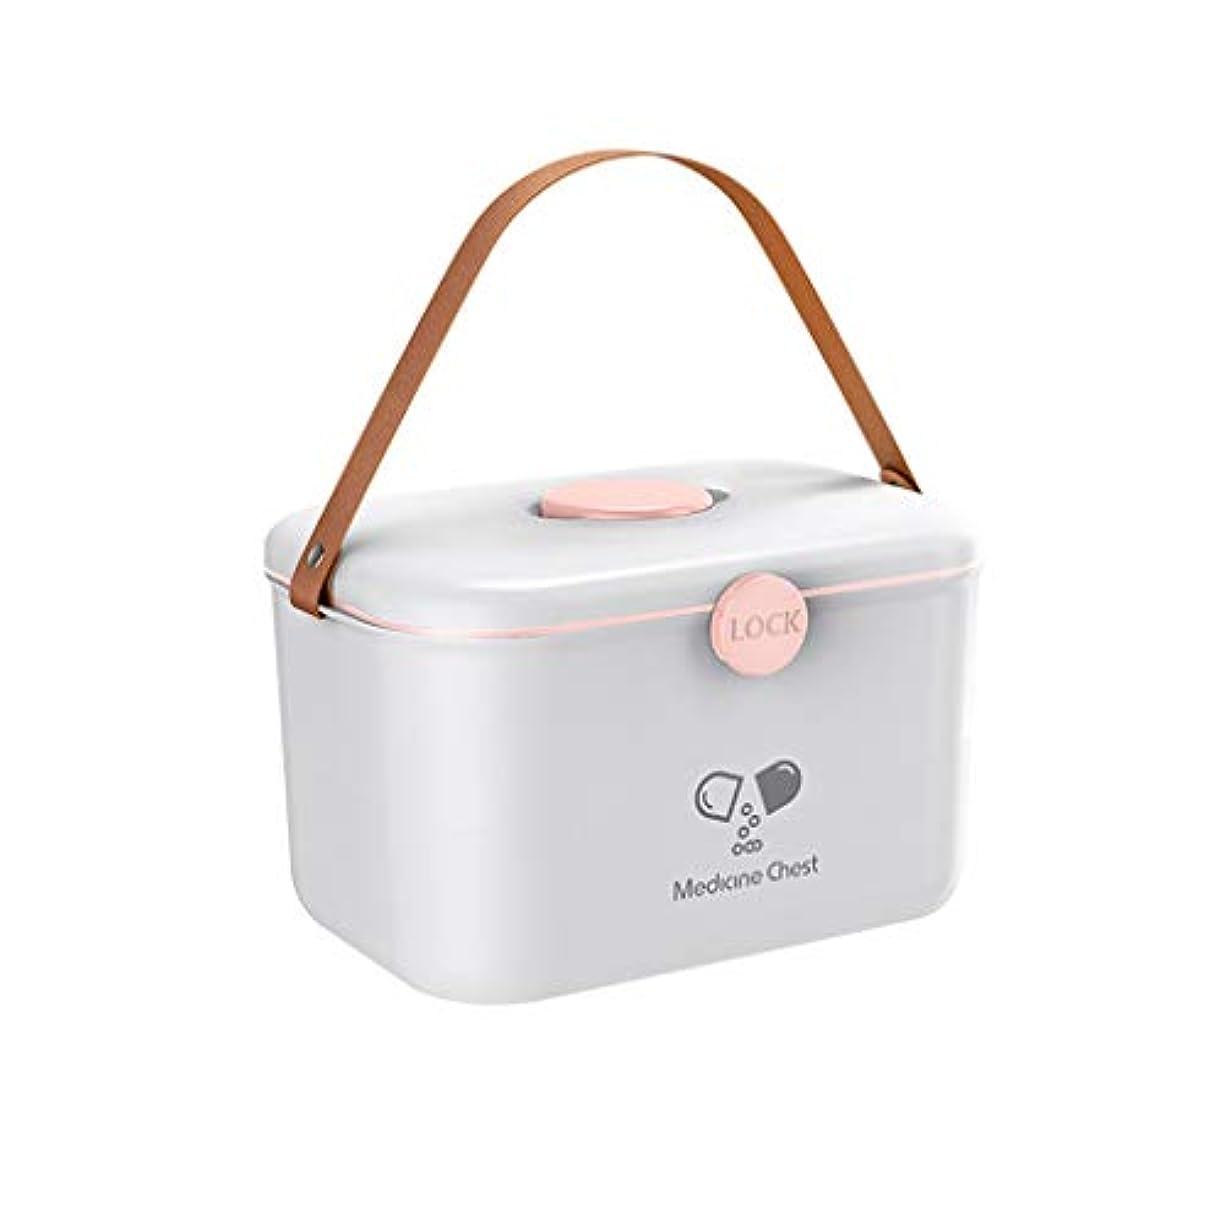 凍る豚肉故障Yxsd ロック可能な応急処置ケース、2層家族プラスチック医療収納容器ボックス、家庭用応急処置キット、応急処置収納ボックス (Color : White)